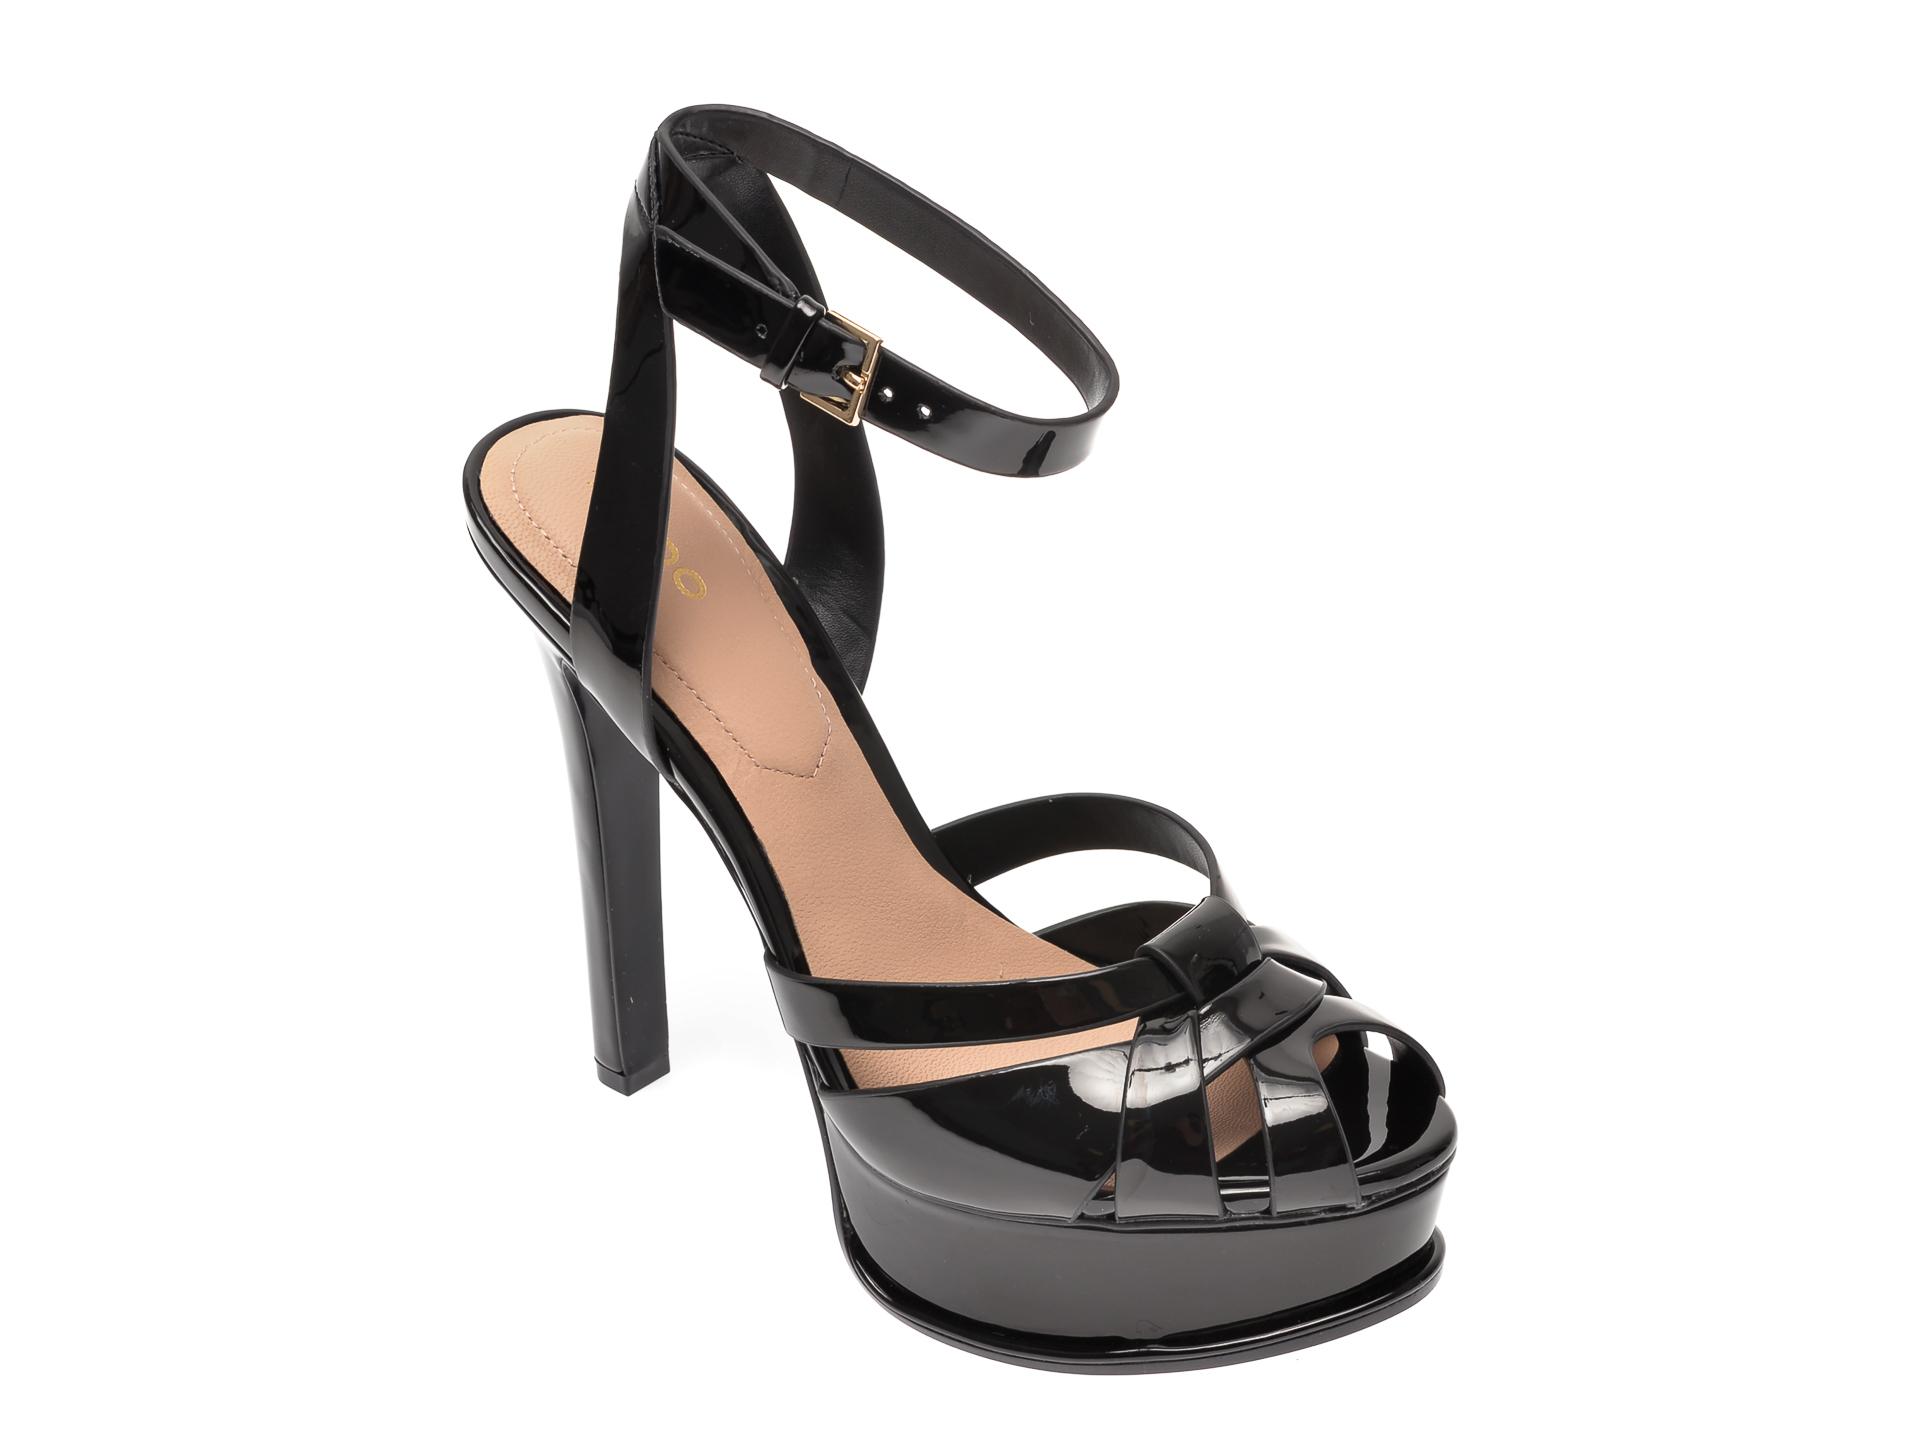 Sandale ALDO negre, Lacla001, din piele ecologica